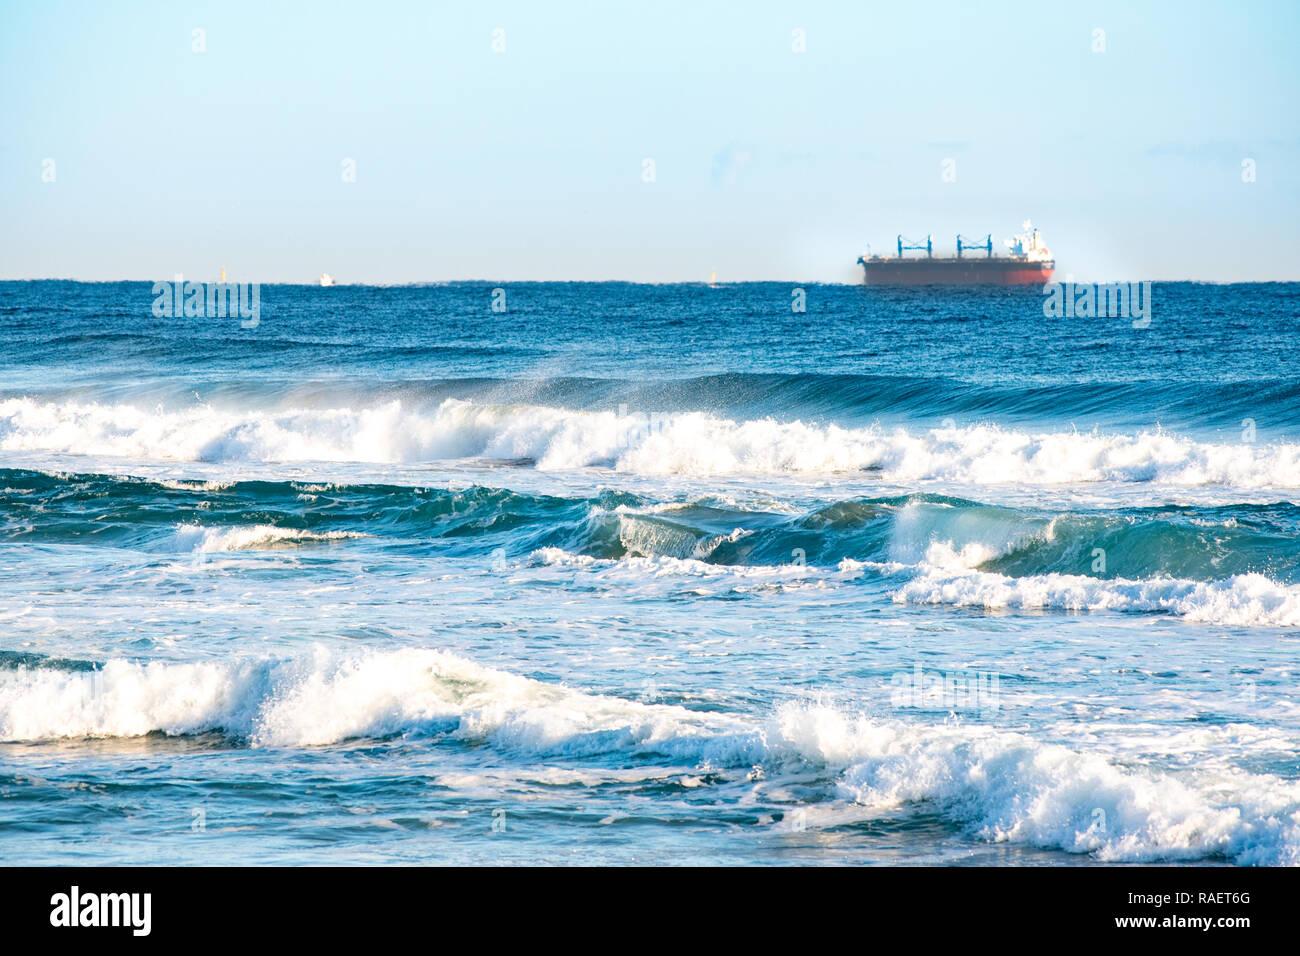 Come onde selvagge e cielo blu. Gangwon-do Beach, Repubblica di Corea. Foto Stock